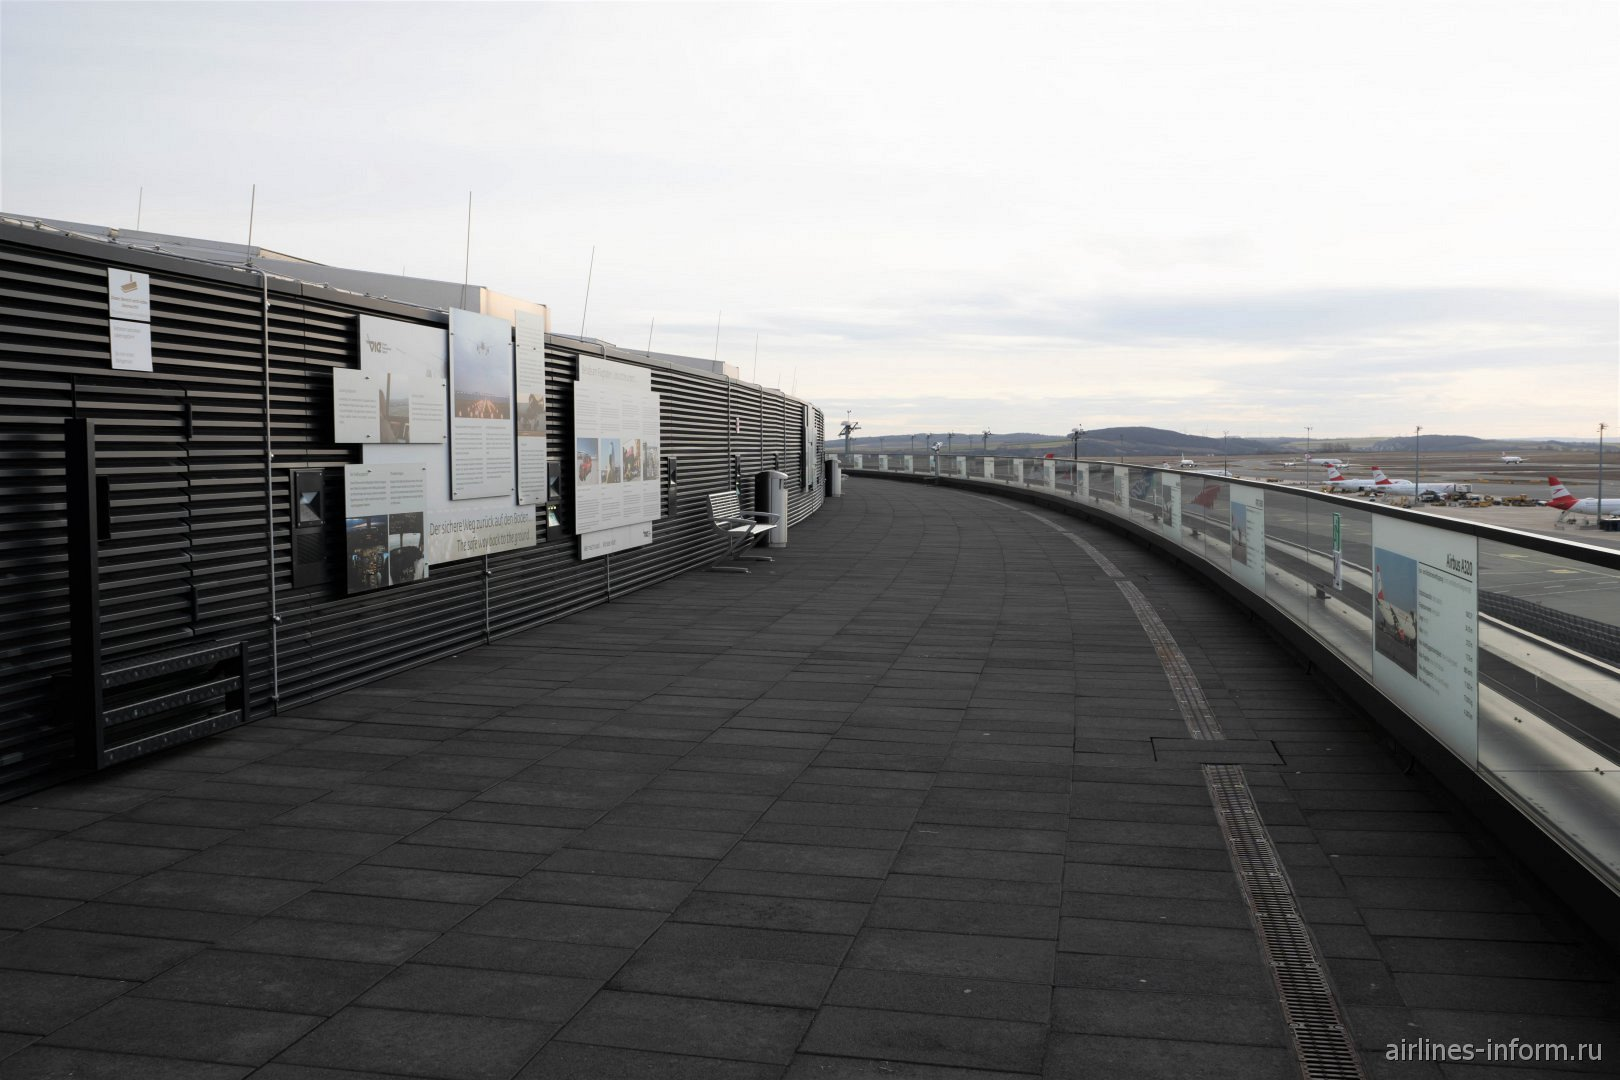 Смотровая площадка на крыше терминала 3 аэропорта Вена Швехат